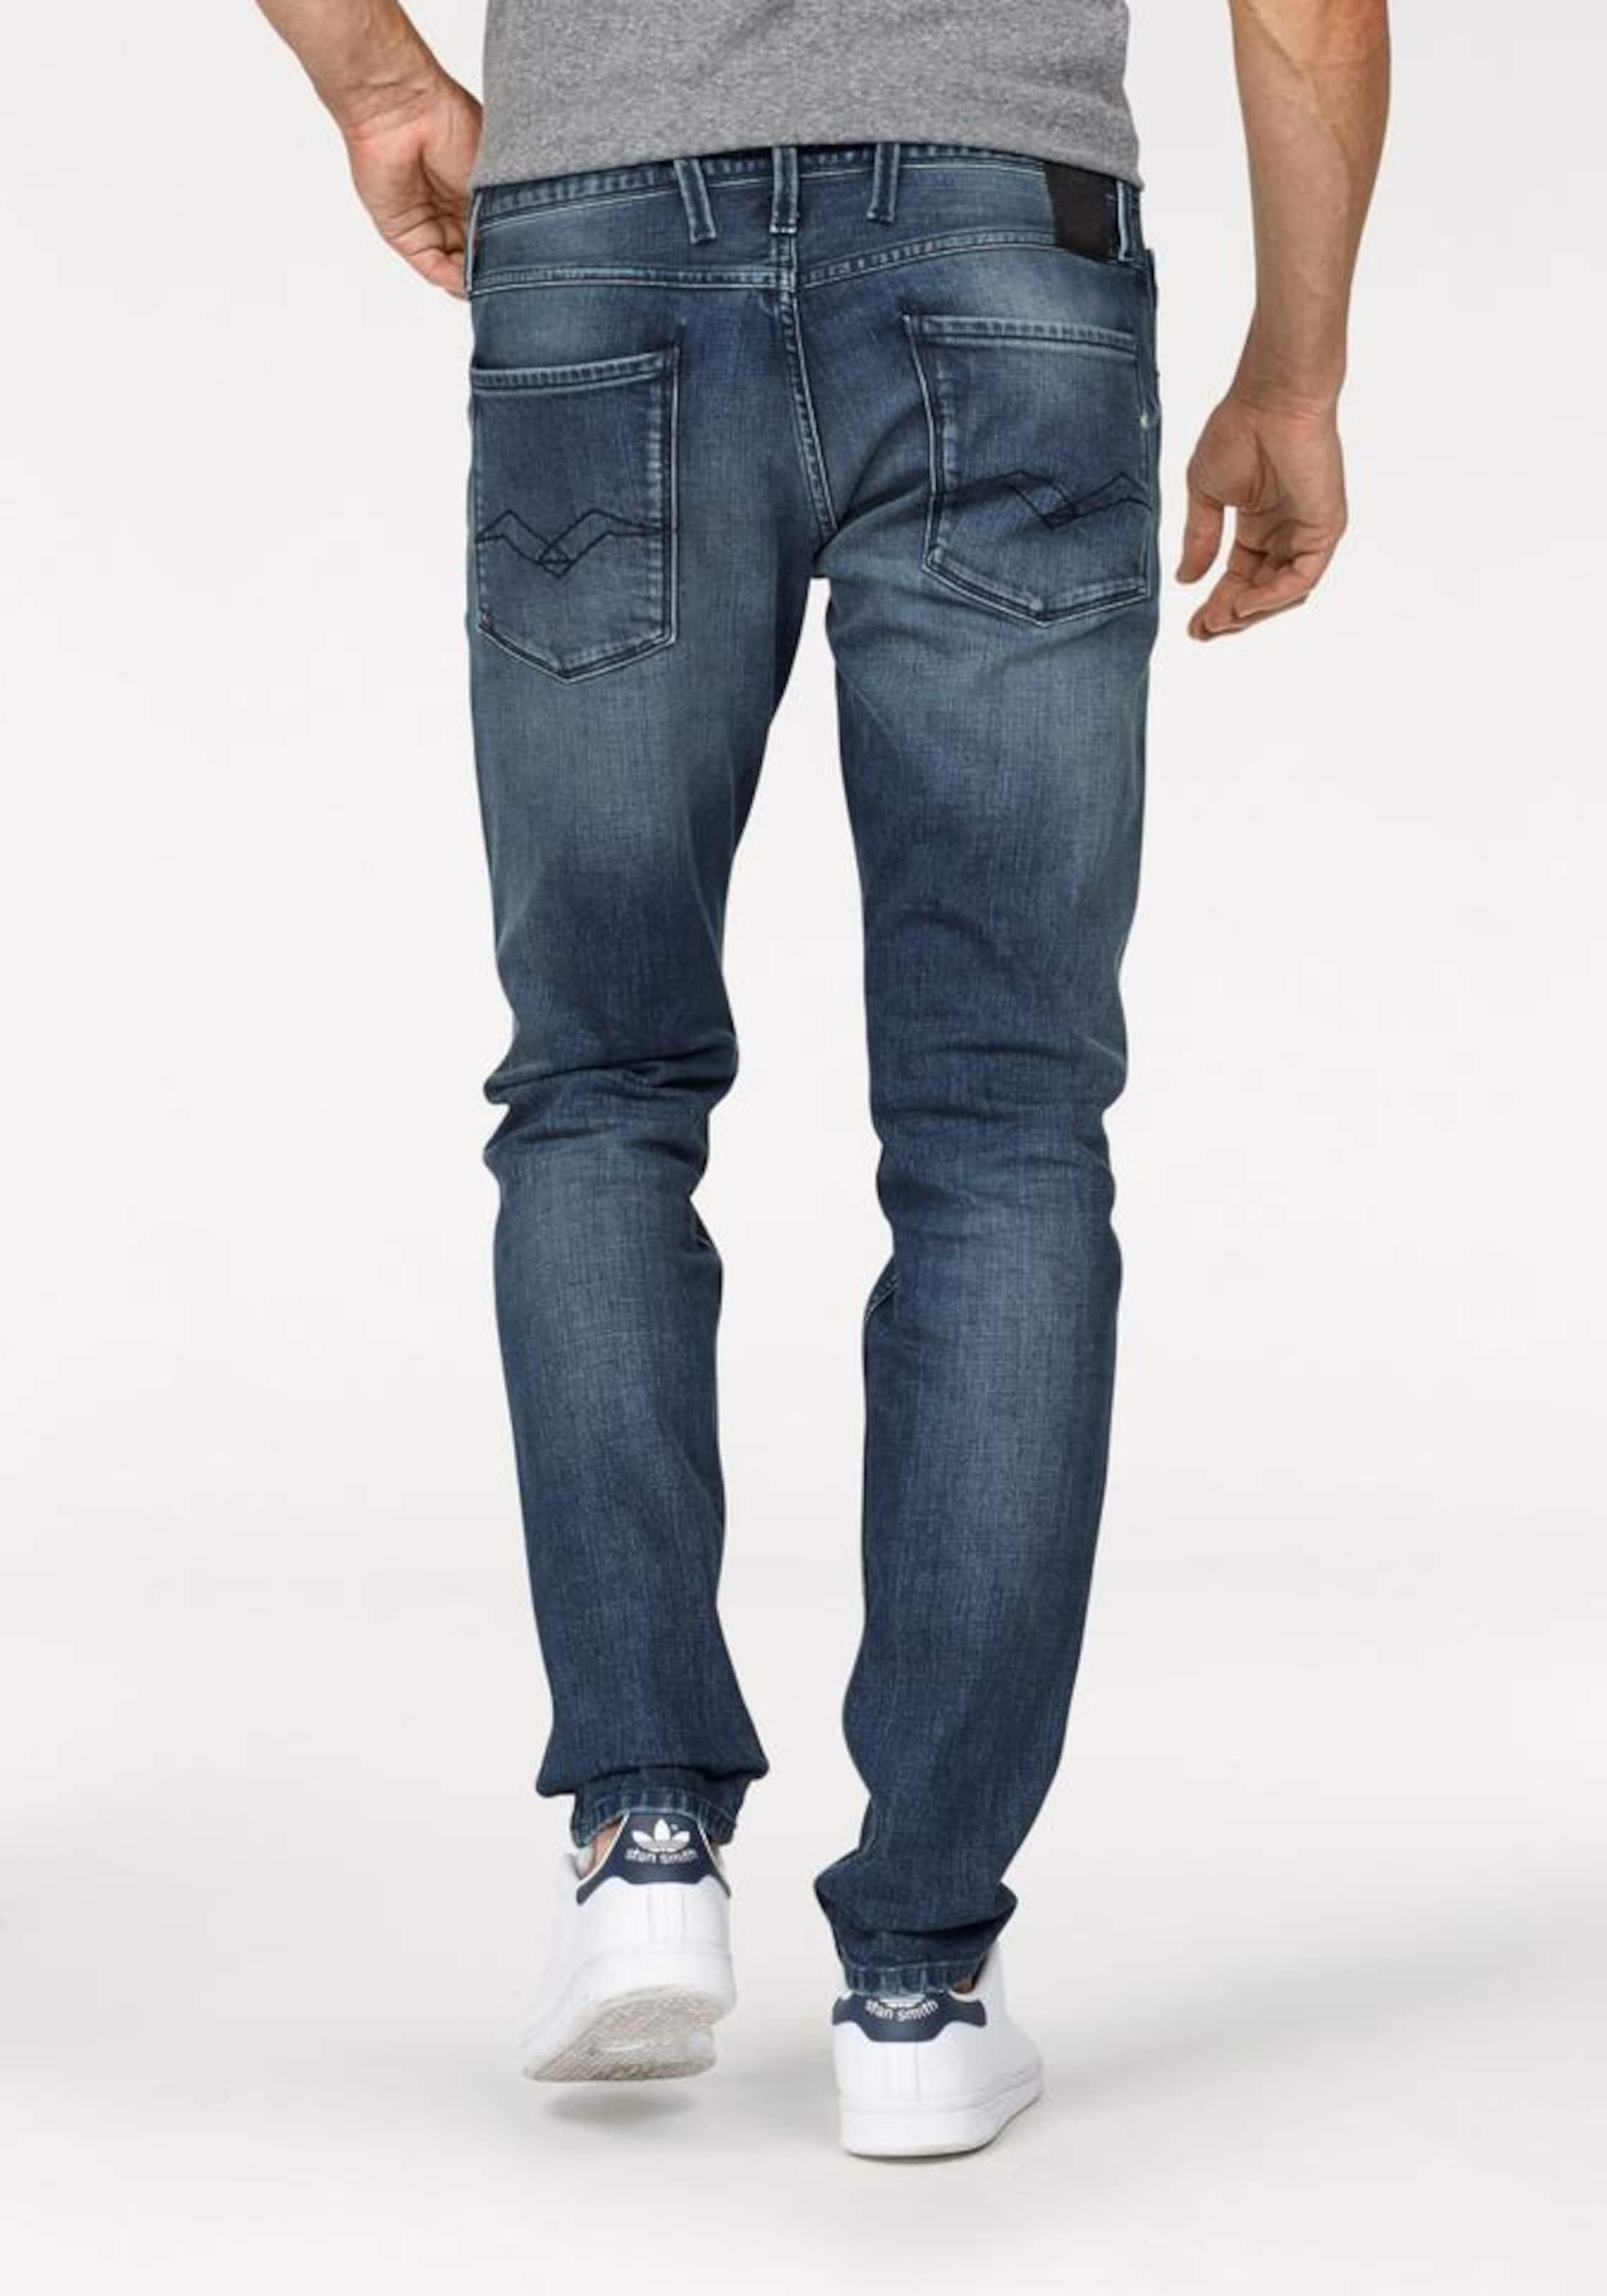 Auslass Besuch Rabatte Günstiger Preis REPLAY Slim-fit-Jeans 'Anbass' Billigster Günstiger Preis Outlet Factory Outlet Auslass Großhandelspreis teDpniC